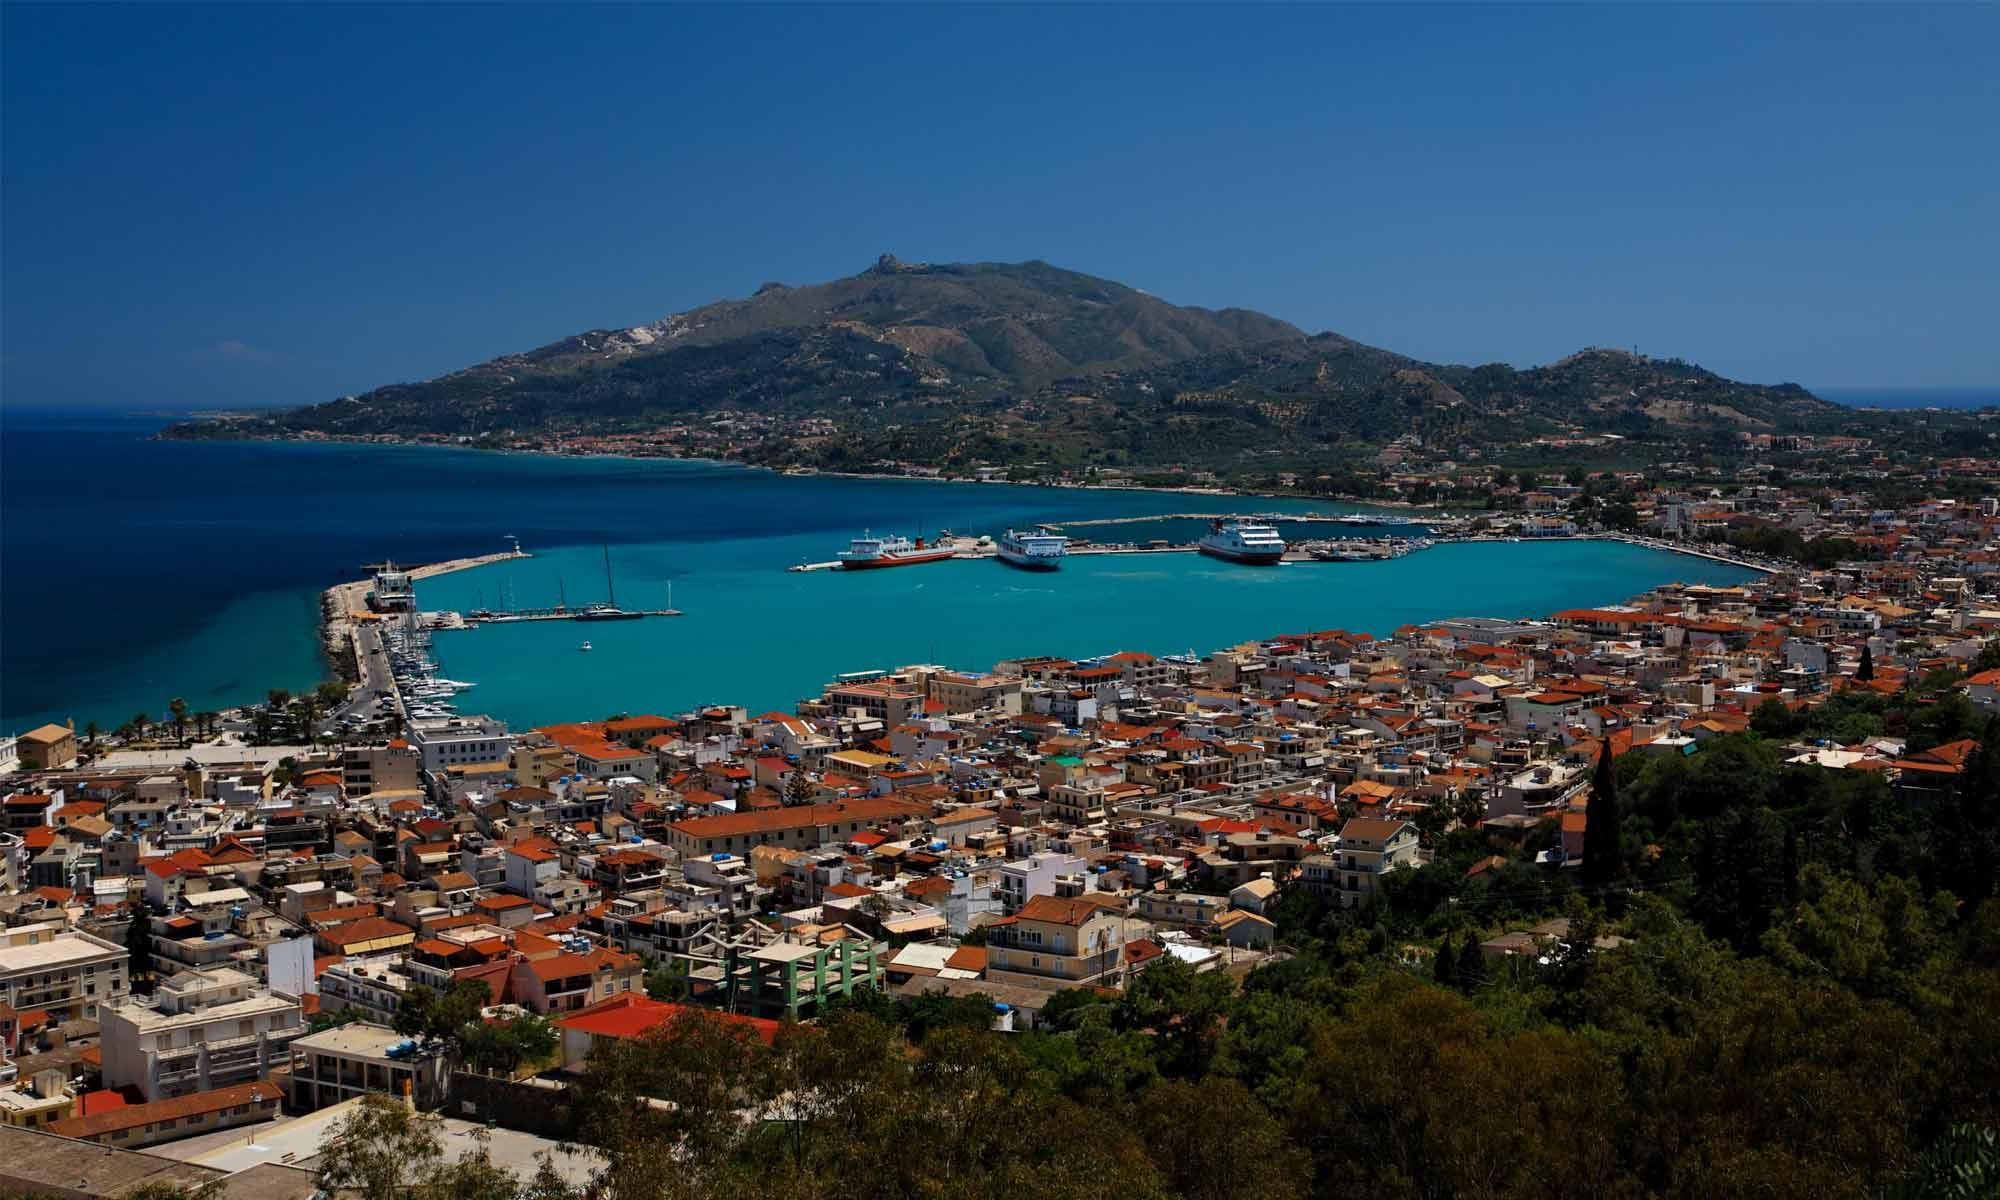 Slow Dive Angebote Griechenland Zakynthos Hafen